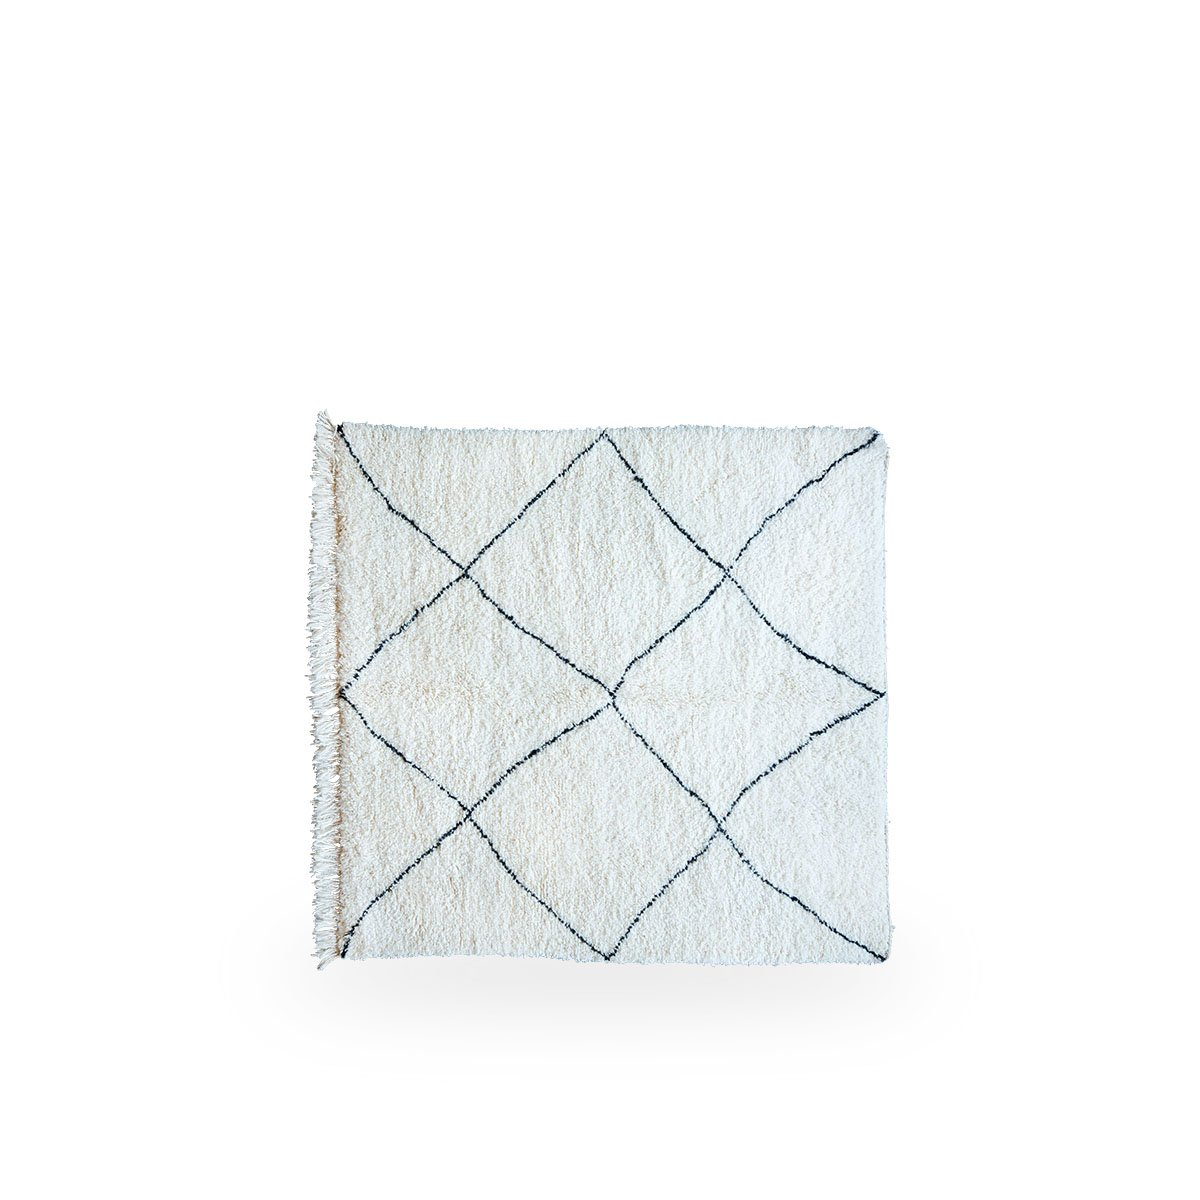 Sika Design Handwebteppich Moroccan 200x170 cm Weiß